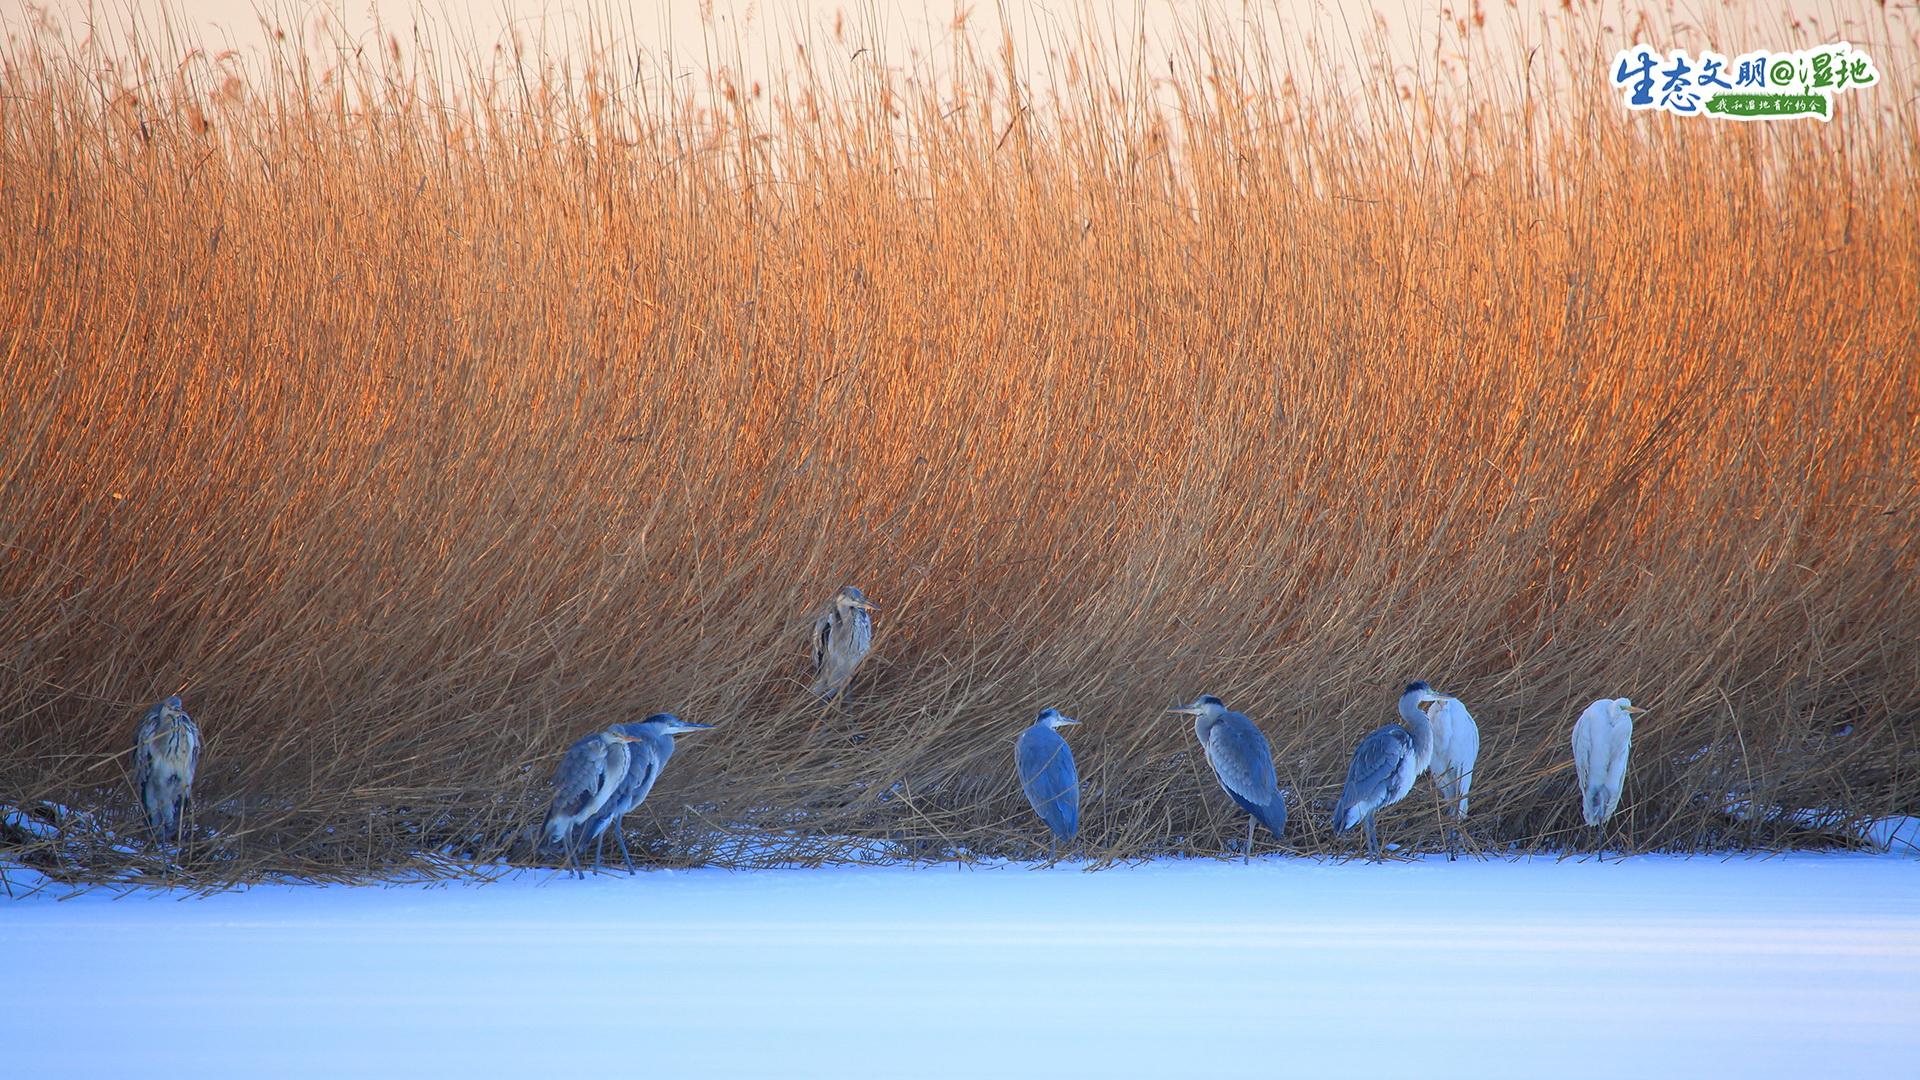 天津湿地类型较全,滨海湿地、河流湿地、湖泊湿地、沼泽湿地和人工湿地均有分布,具有生态功能多样、湿地动植物资源丰富的特点。